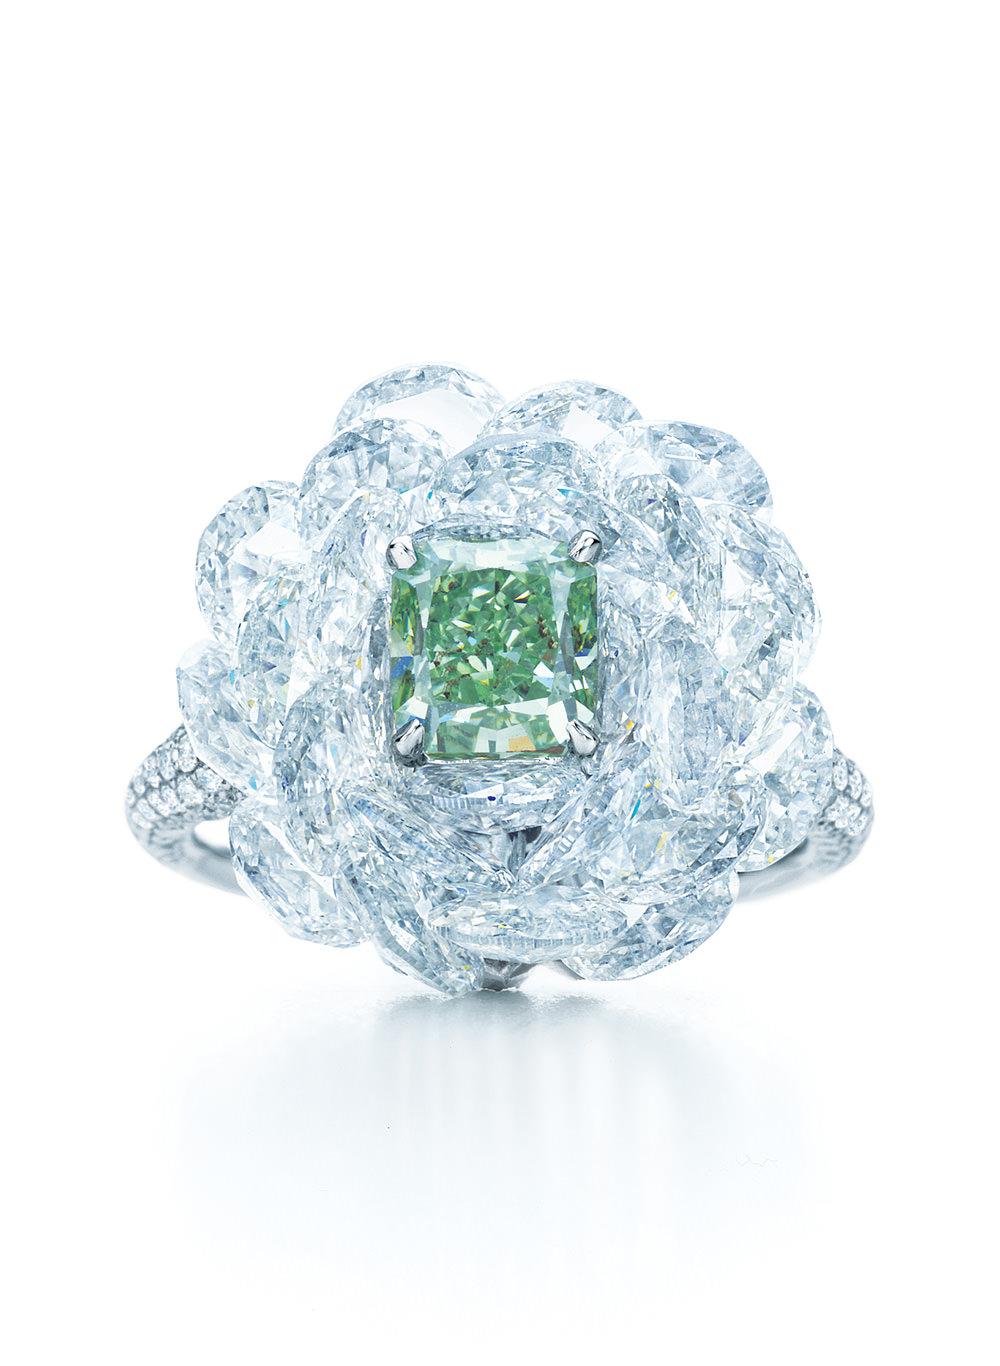 Anillo Tiffany fancy verde con diamantes blancos sobre platino